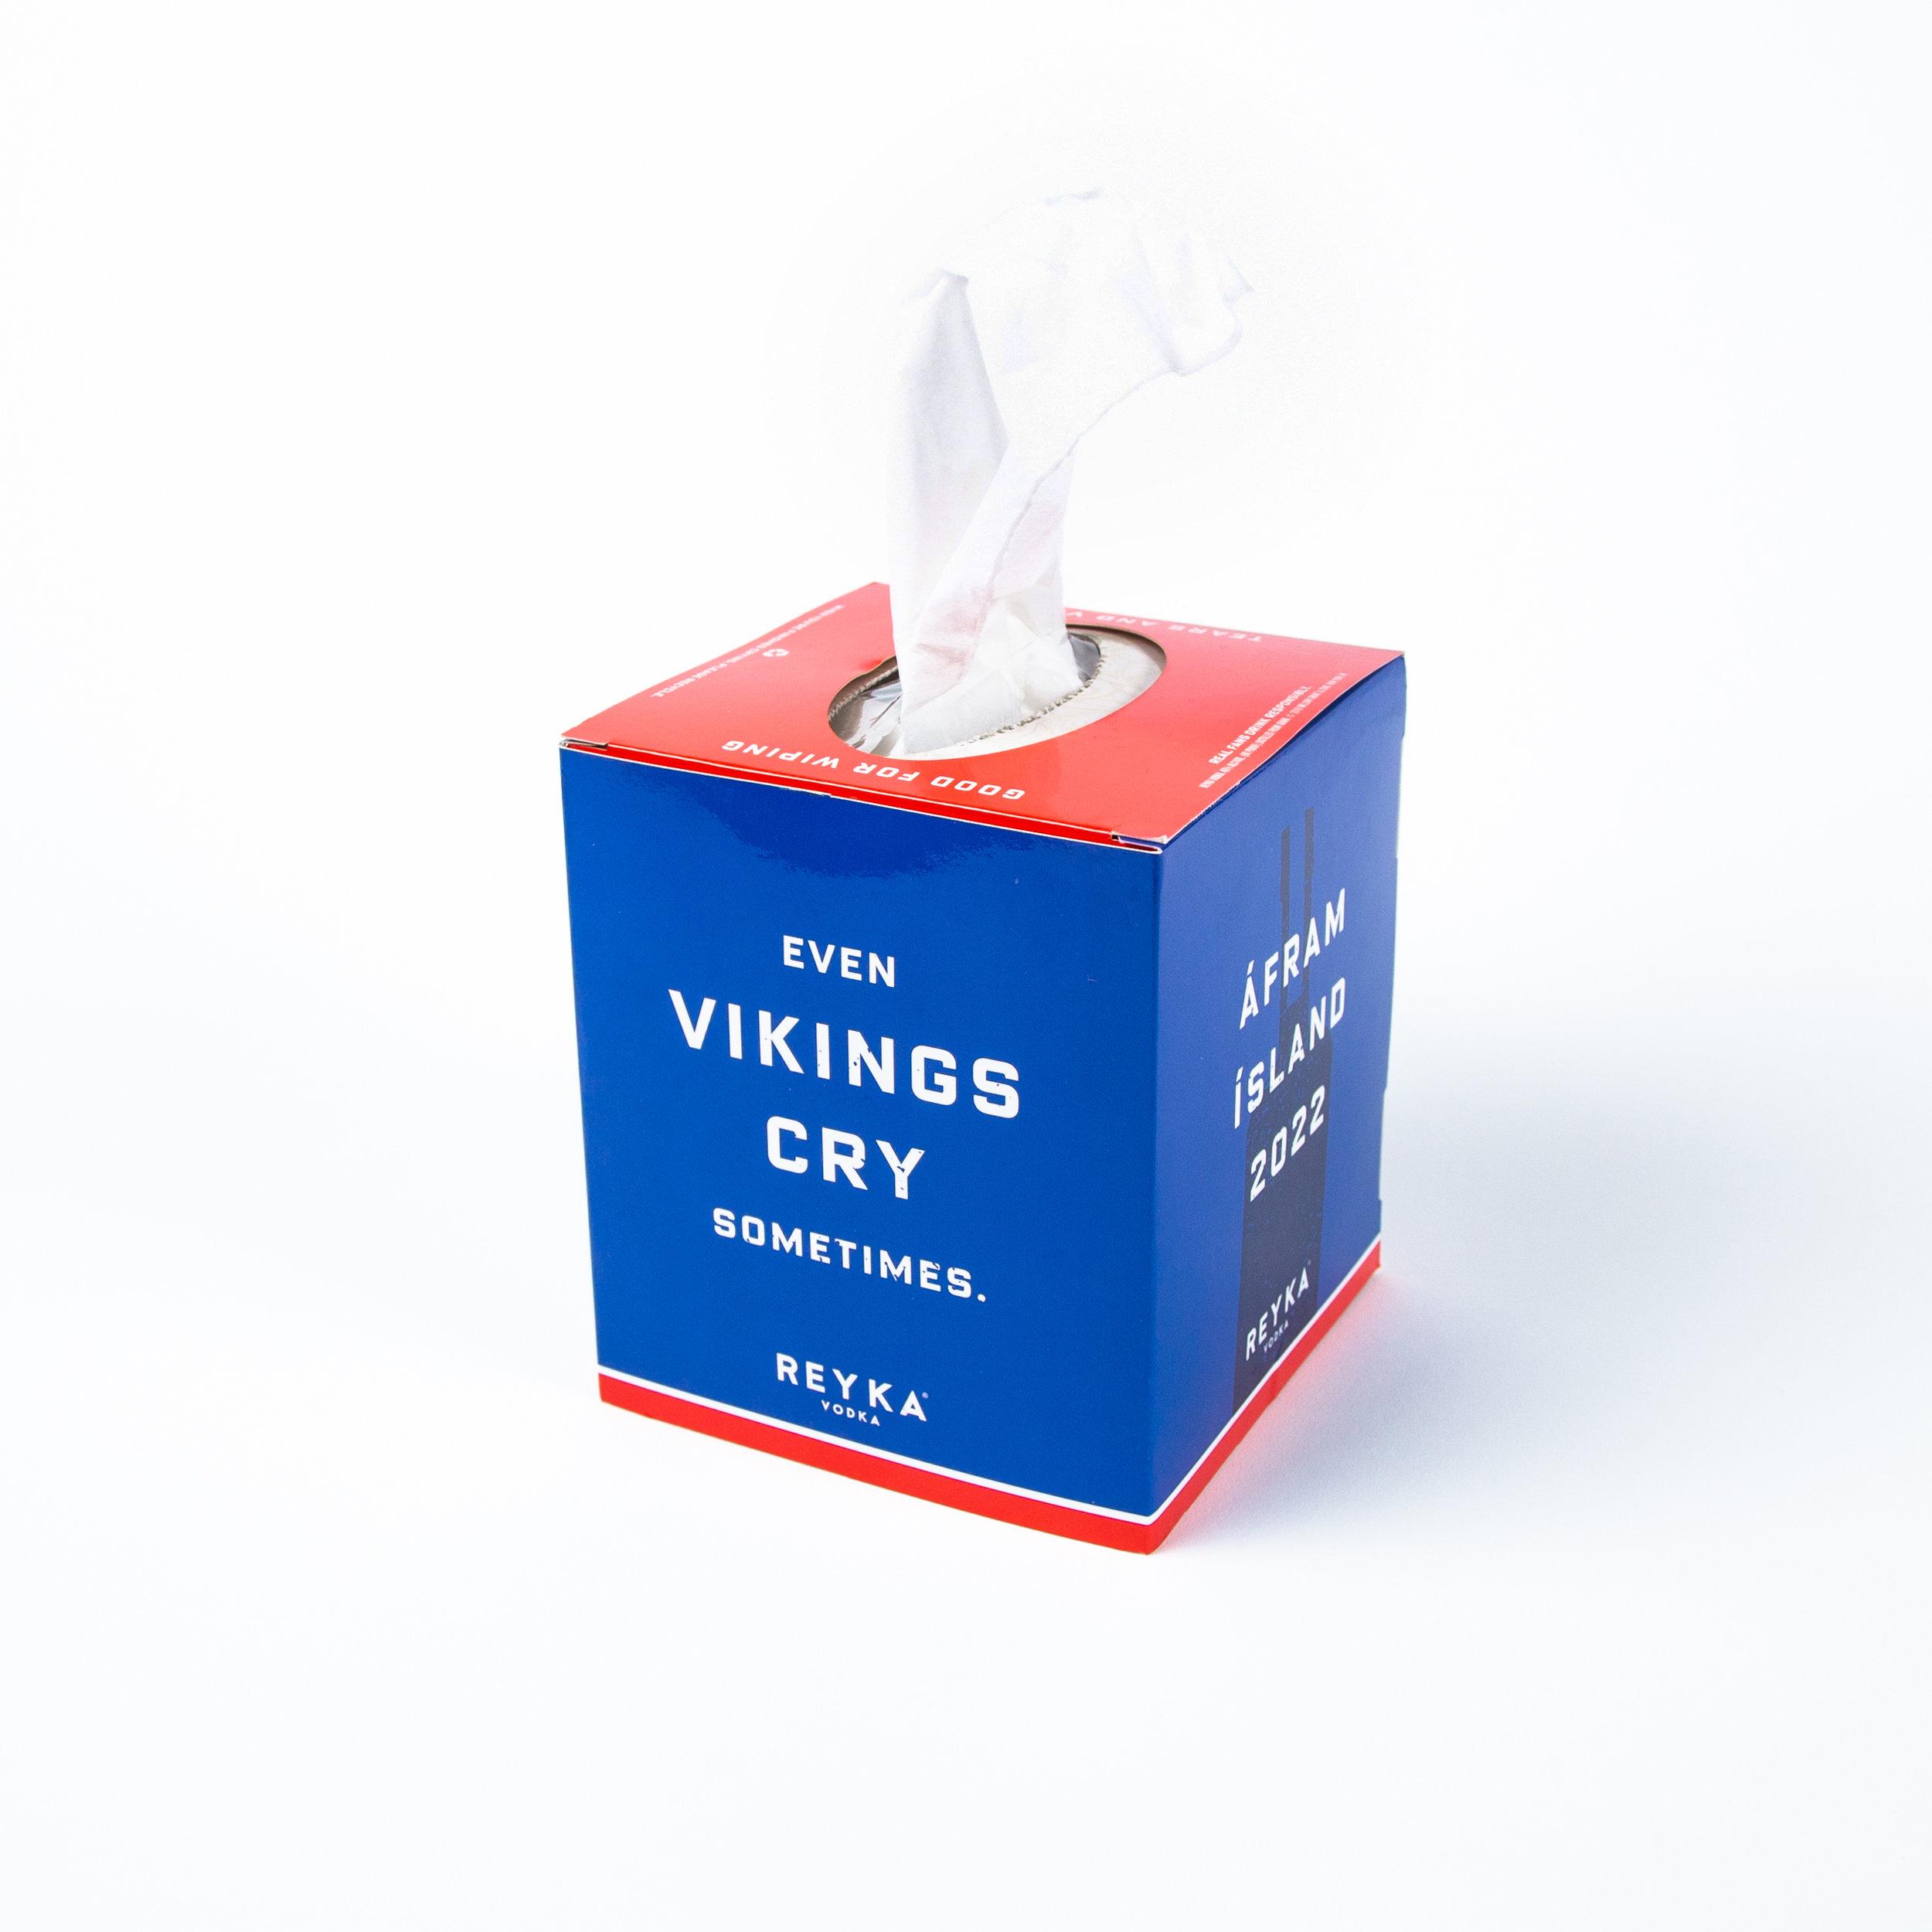 Reyka Tissue Box-283.jpg